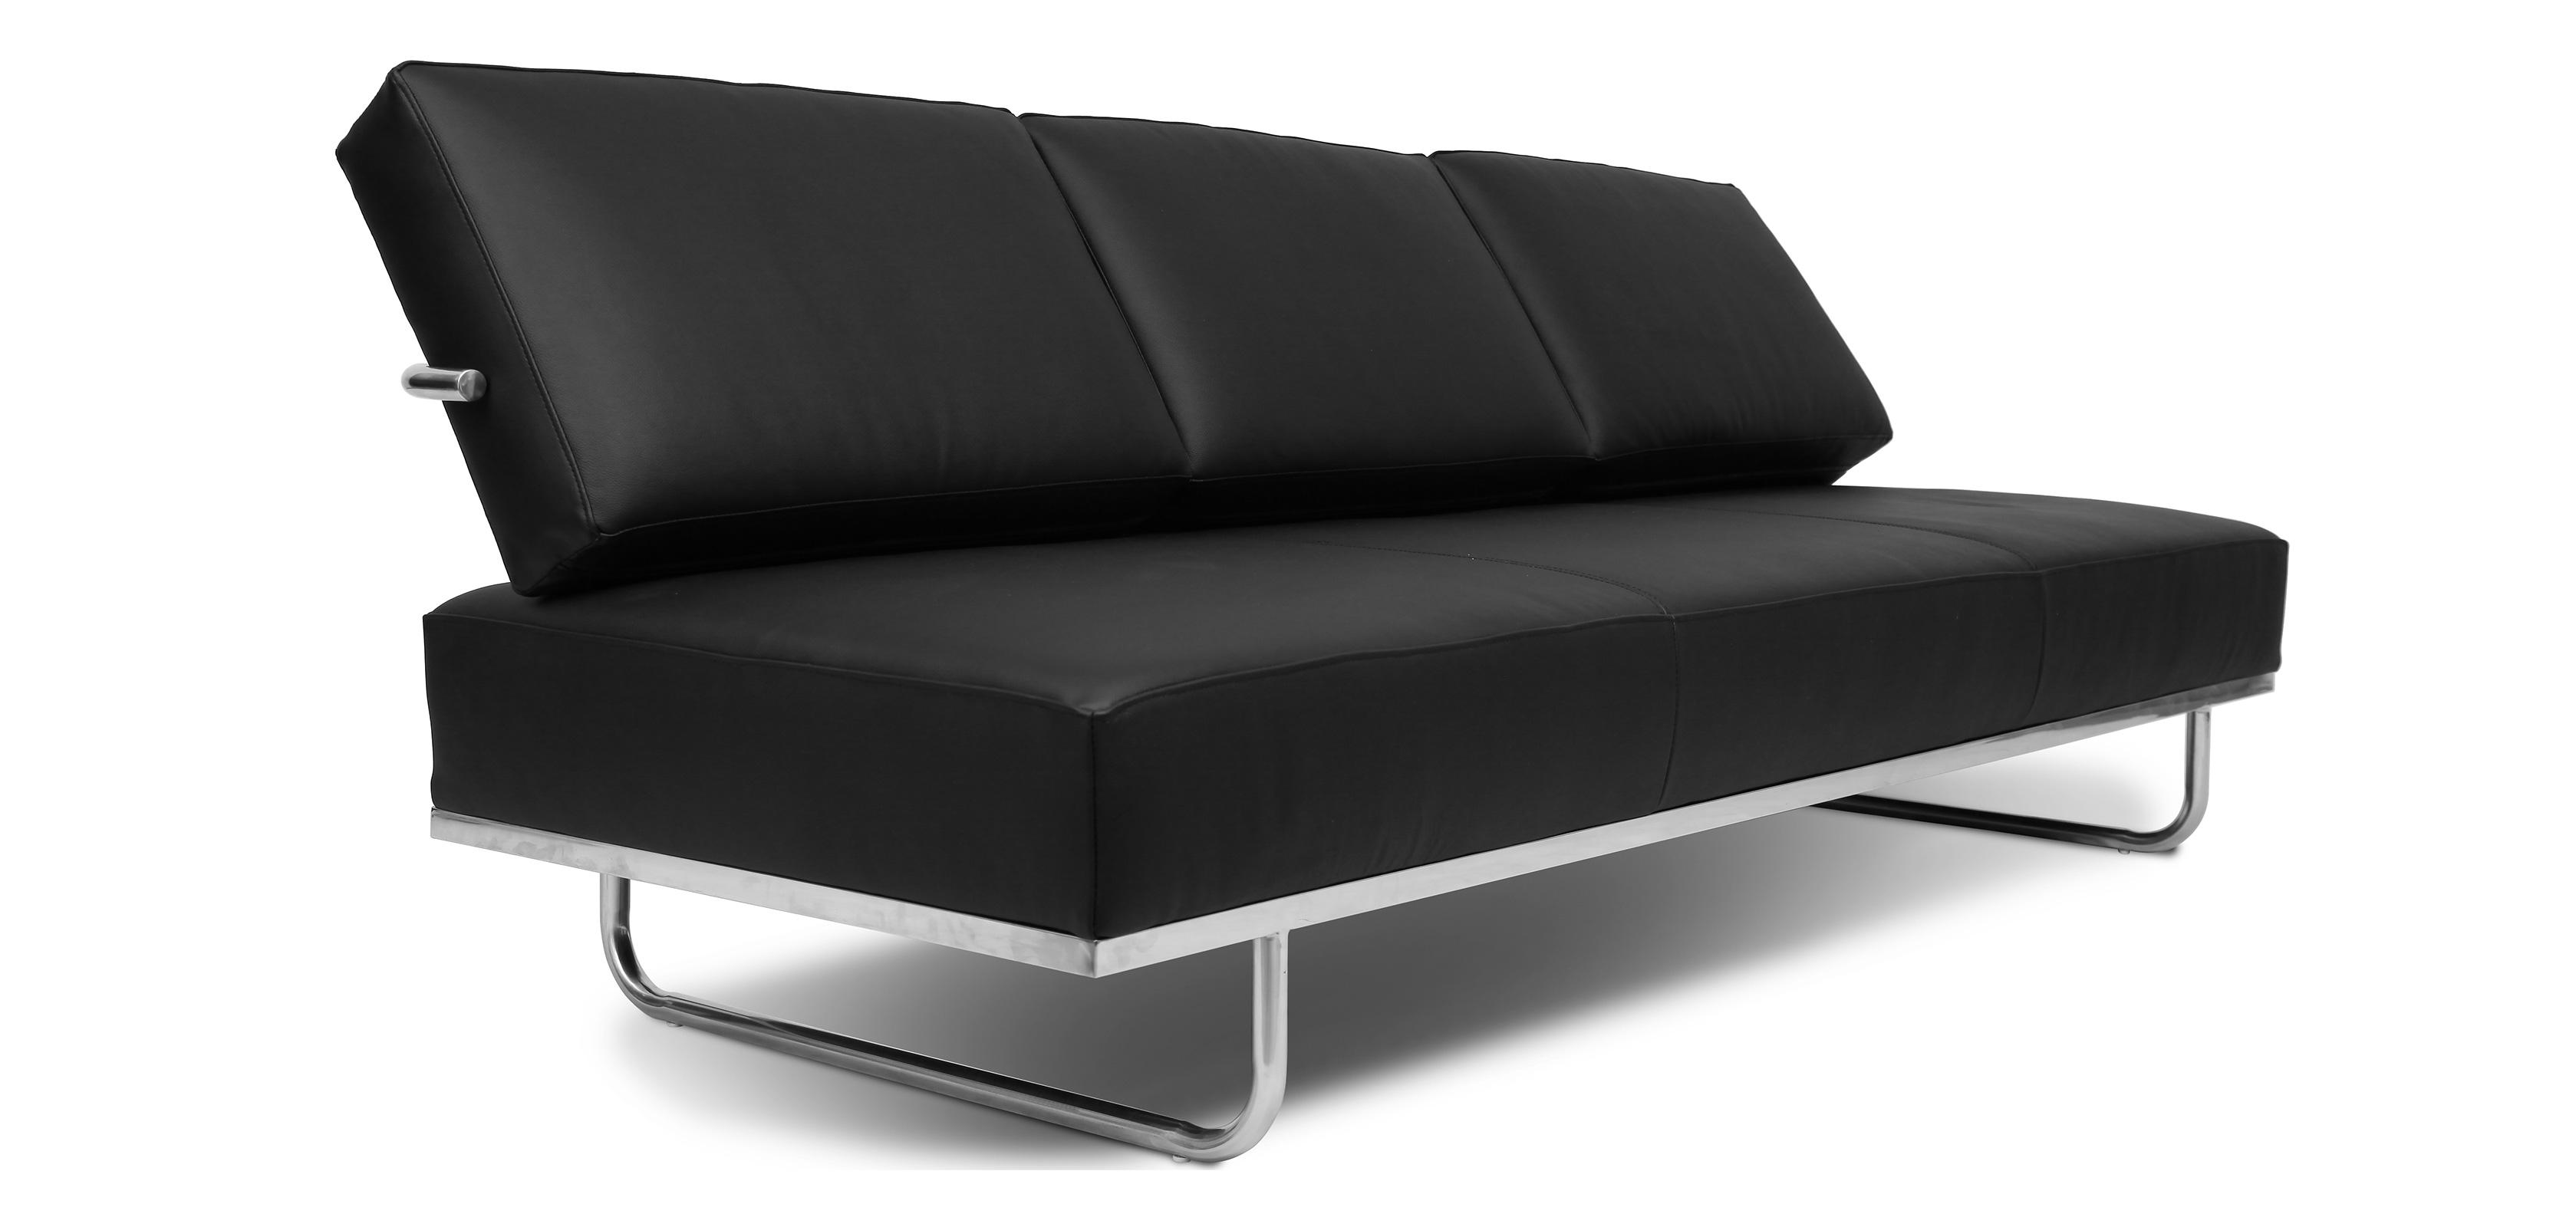 Divano letto LC5 Convertibile Charles Le Corbusier similpelle